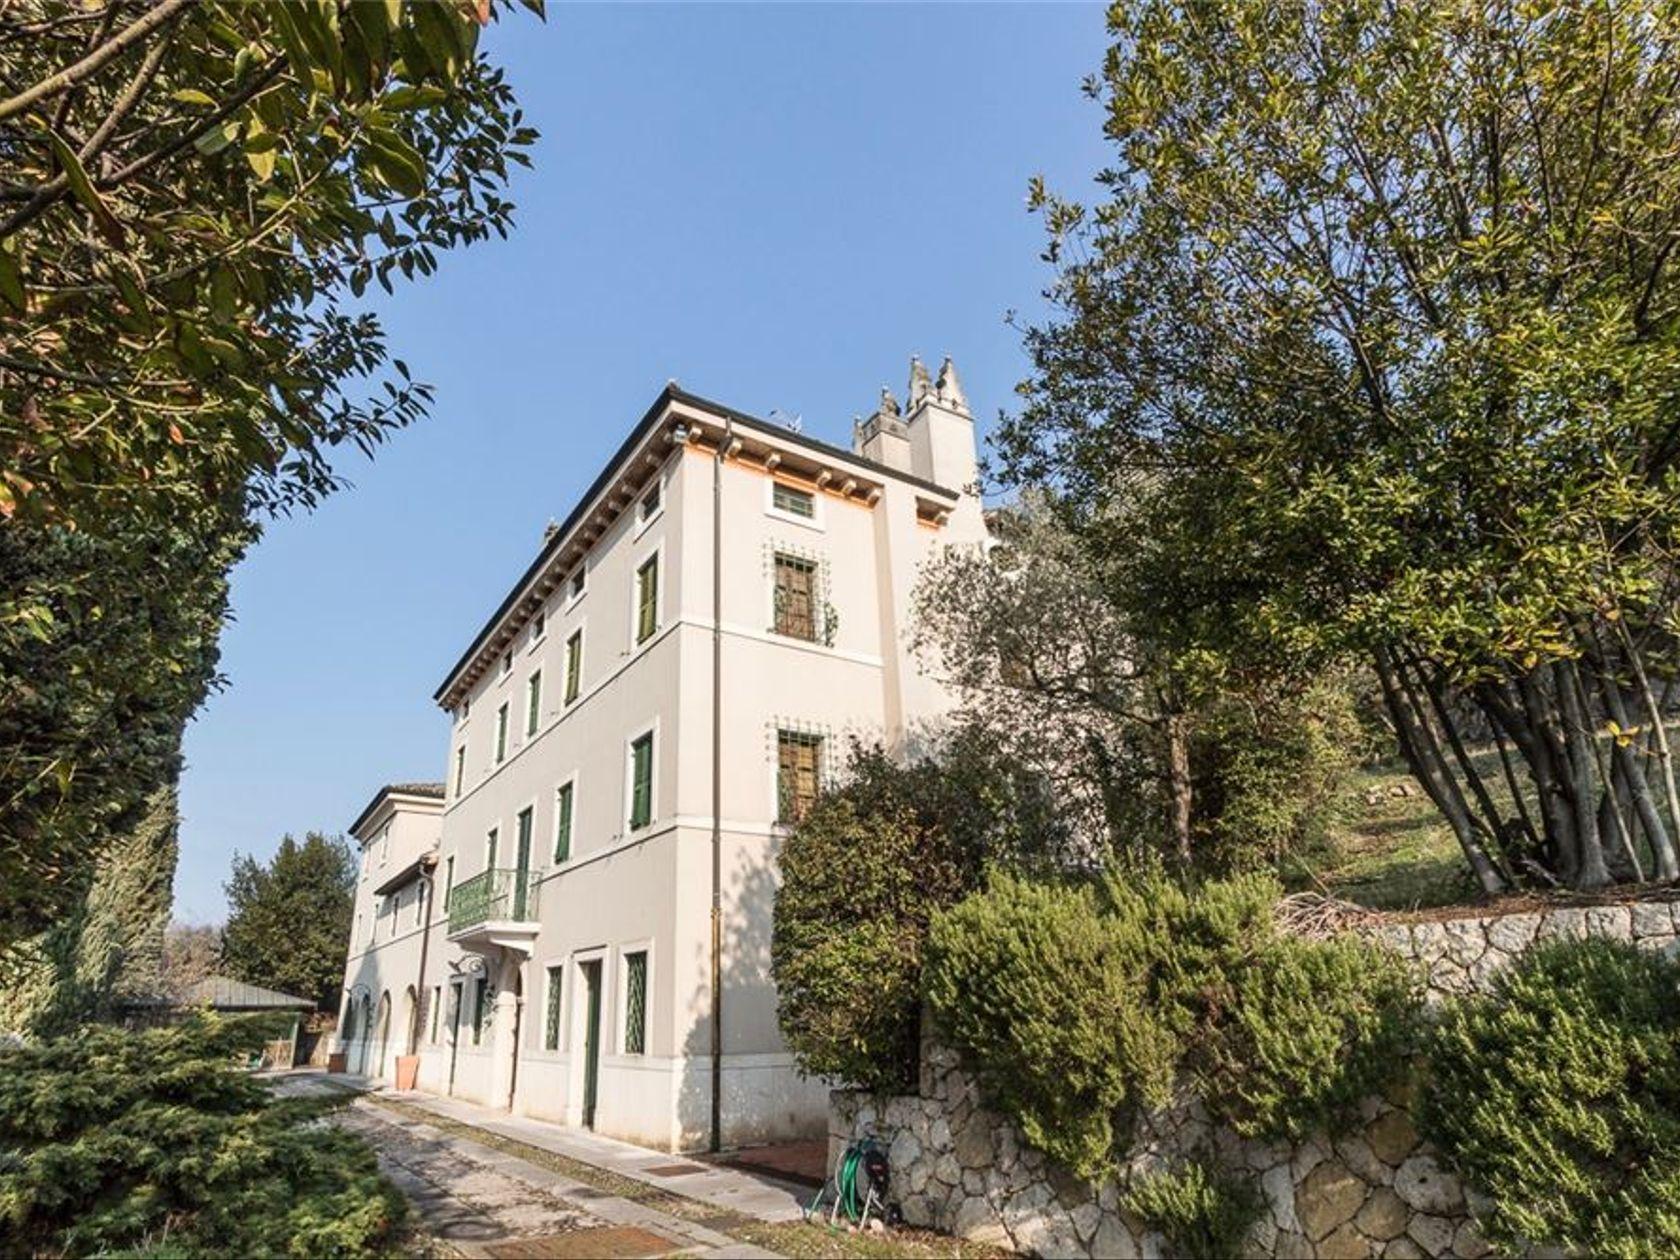 Casa Indipendente Valdonega, Verona, VR Vendita - Foto 2